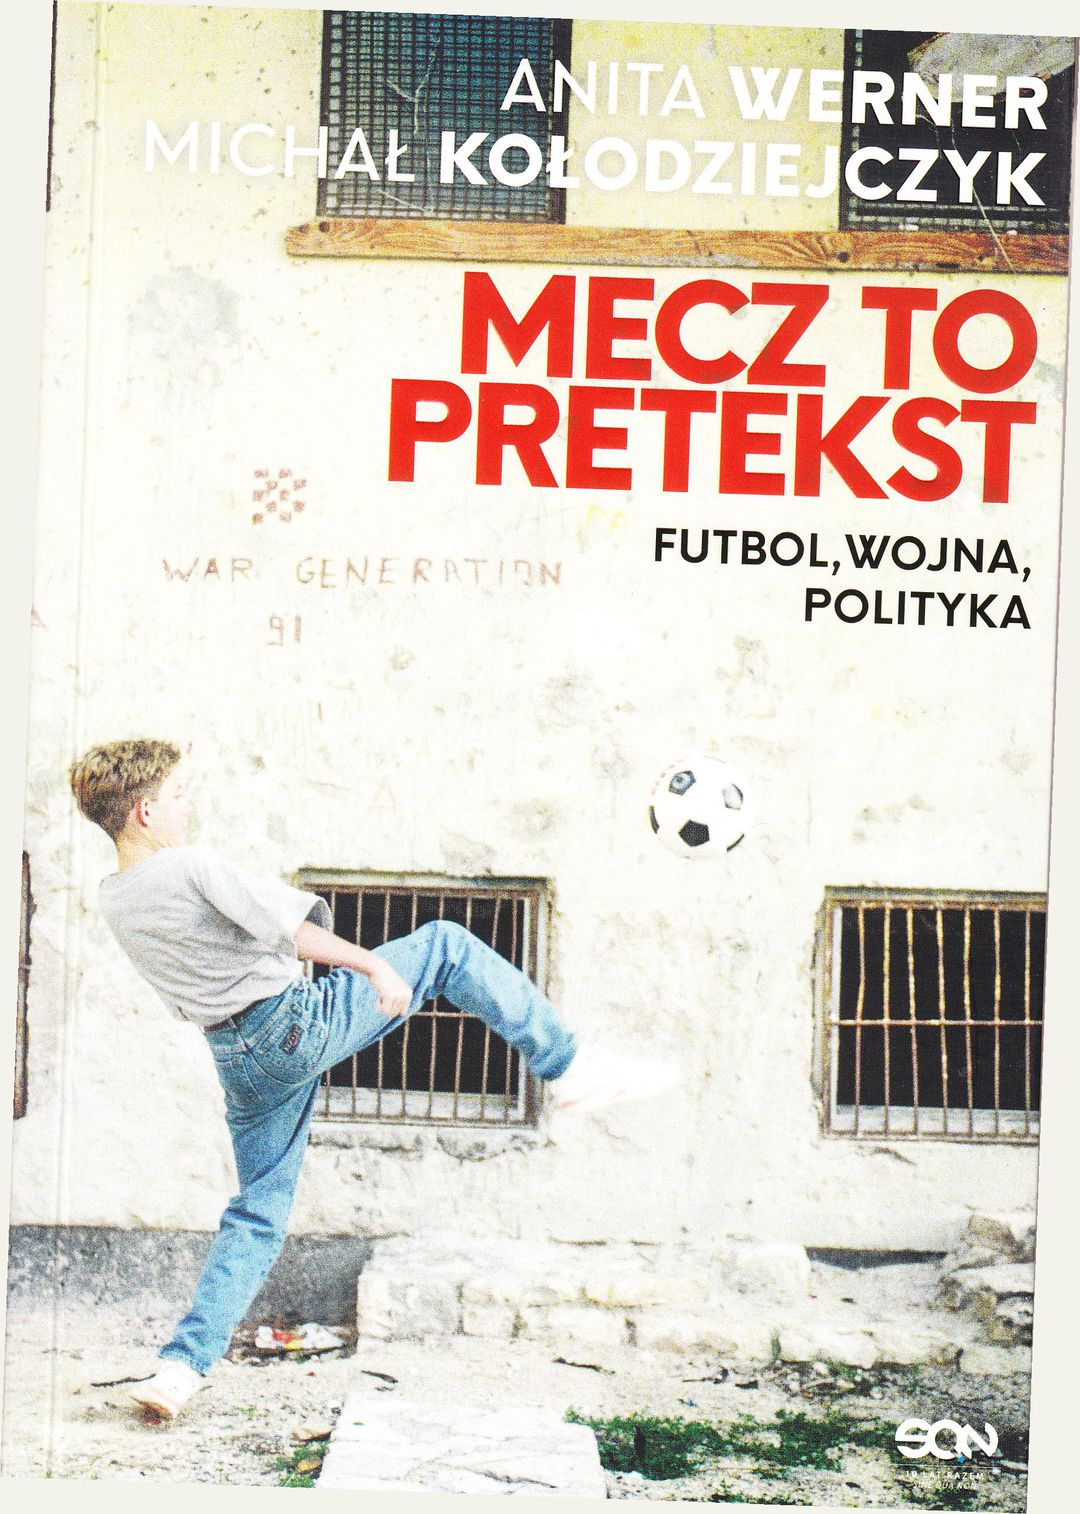 Anita Werner, Michał Kołodziejczyk - Mecz to pretekst - okładka książki